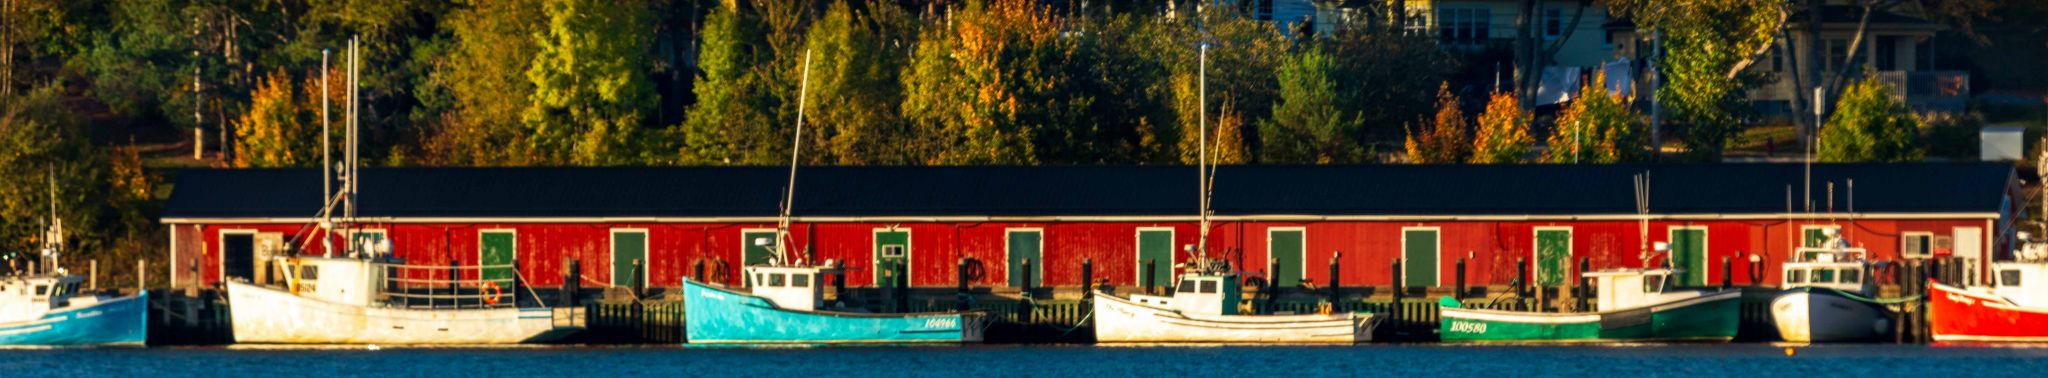 Fishing boats, red fishing sheds, Lunenburg, Nova Scotia, Canada